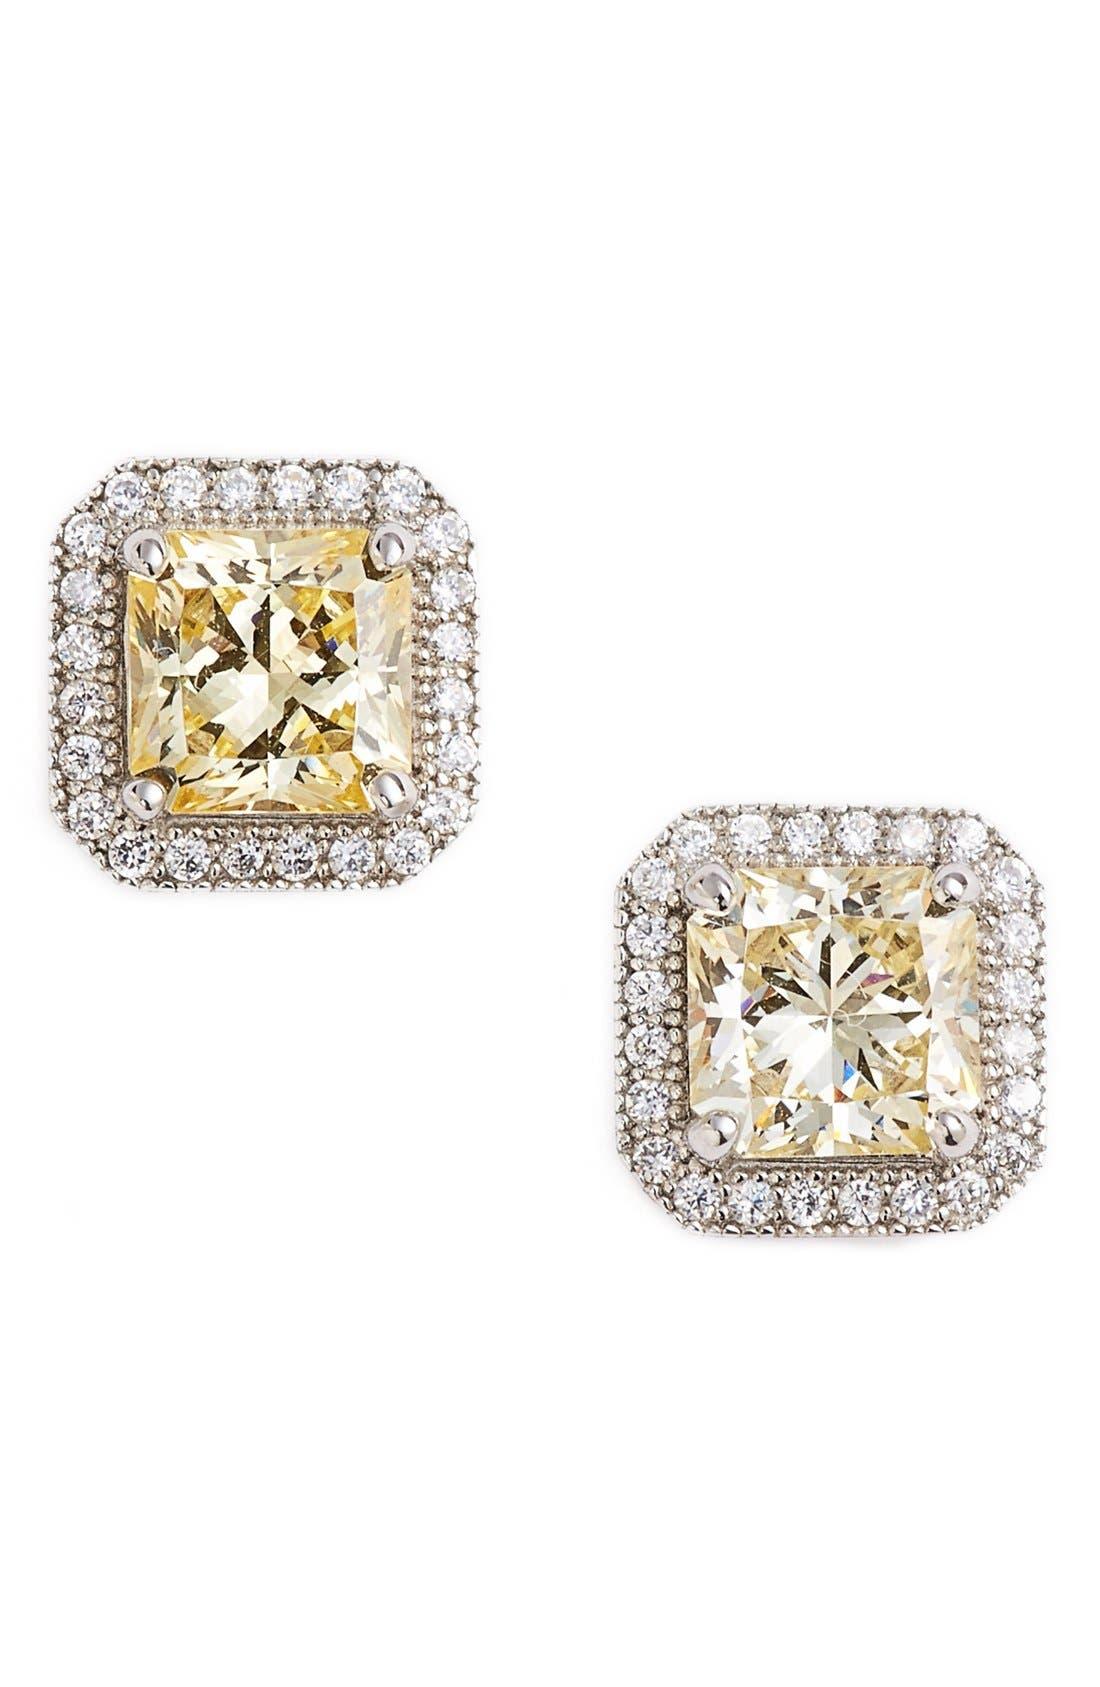 Lafonn'Lassaire' Canary Stud Earrings